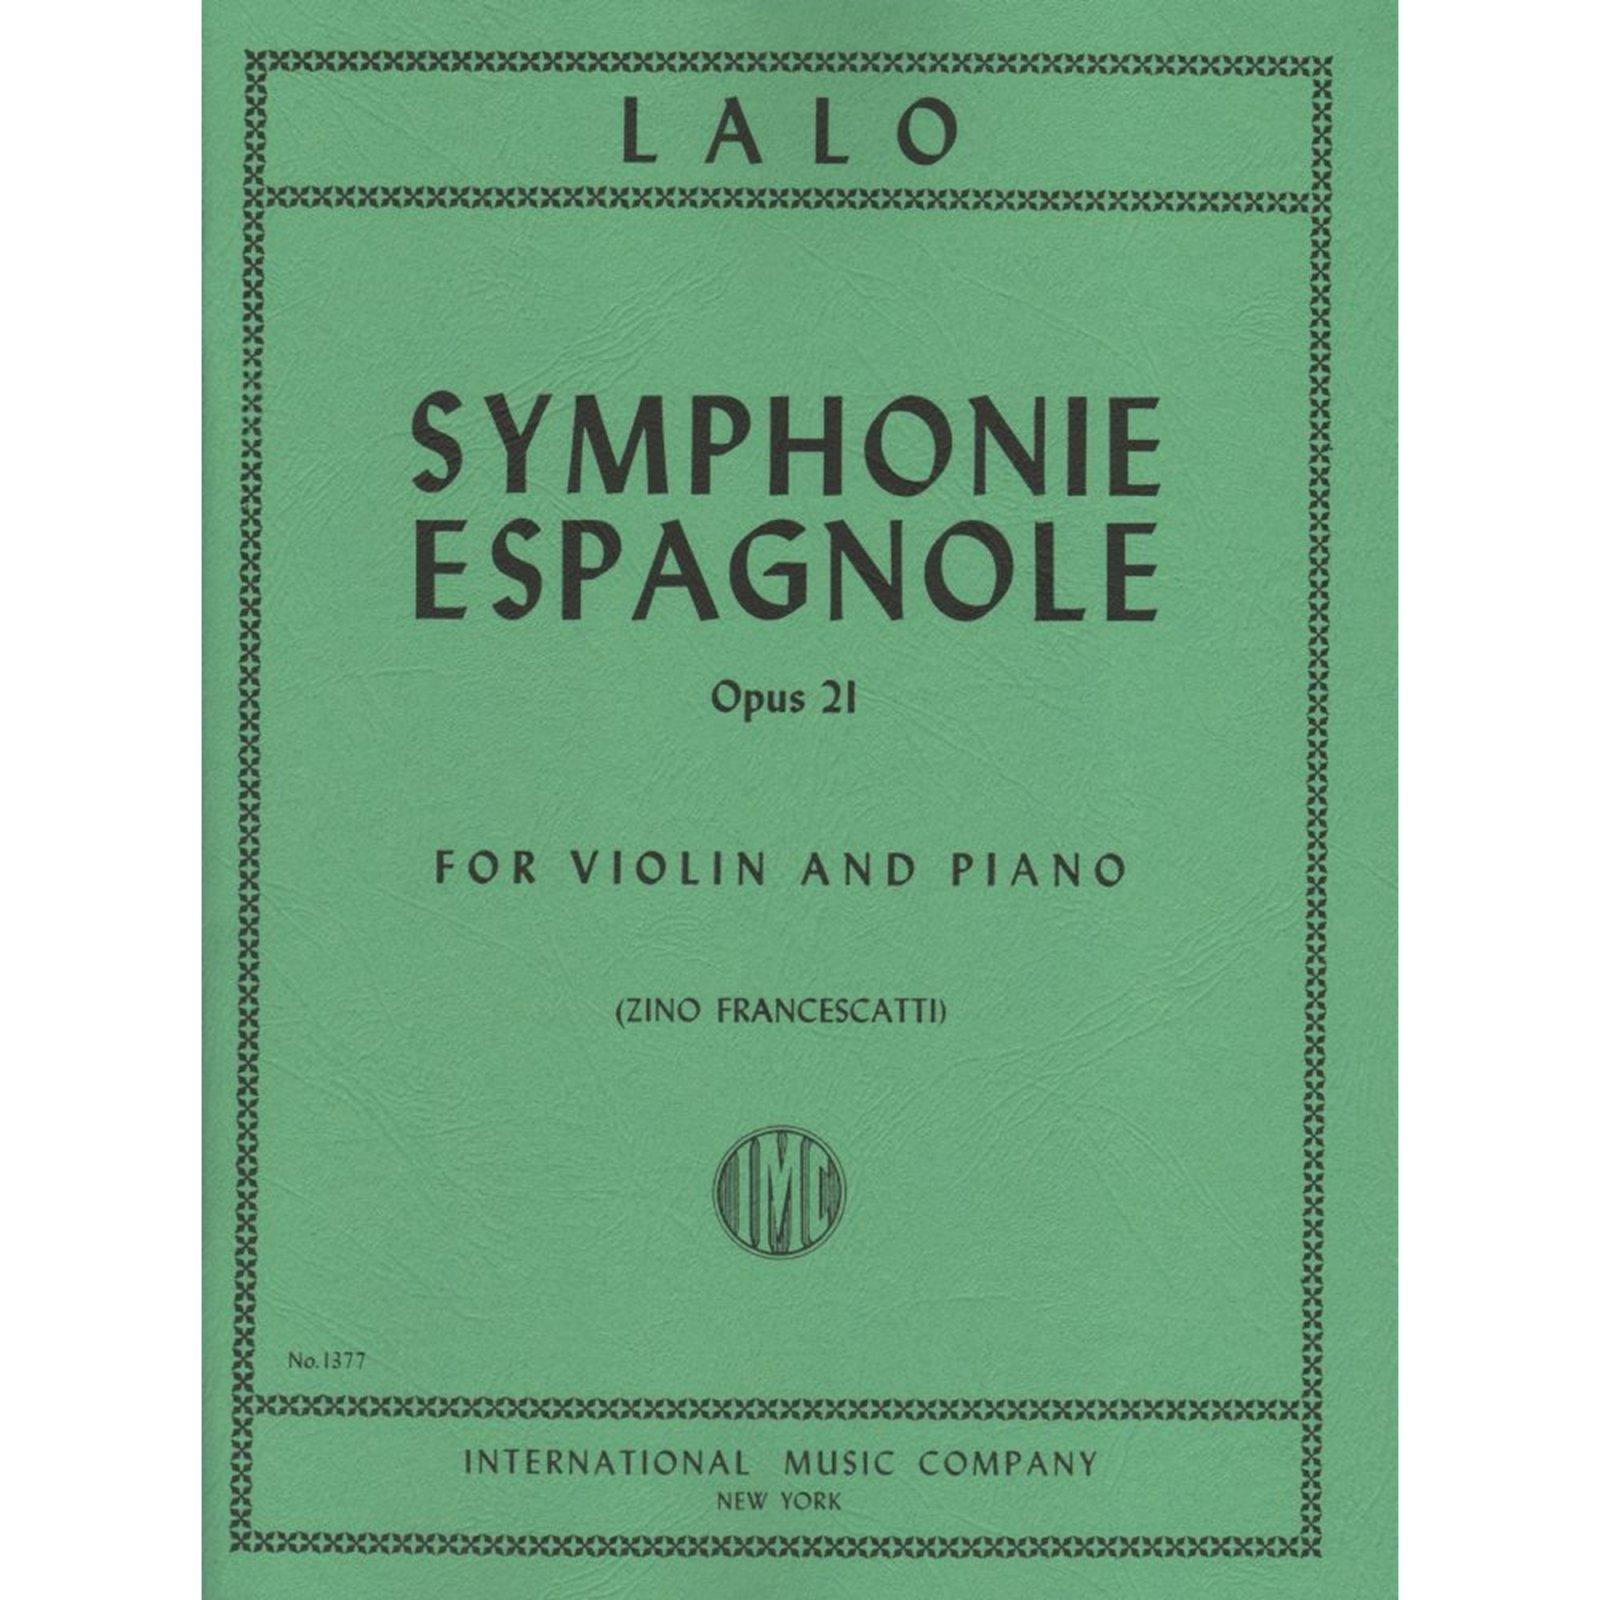 Lalo: Symphonie Espagnole Op. 21 Ed. Francescatti